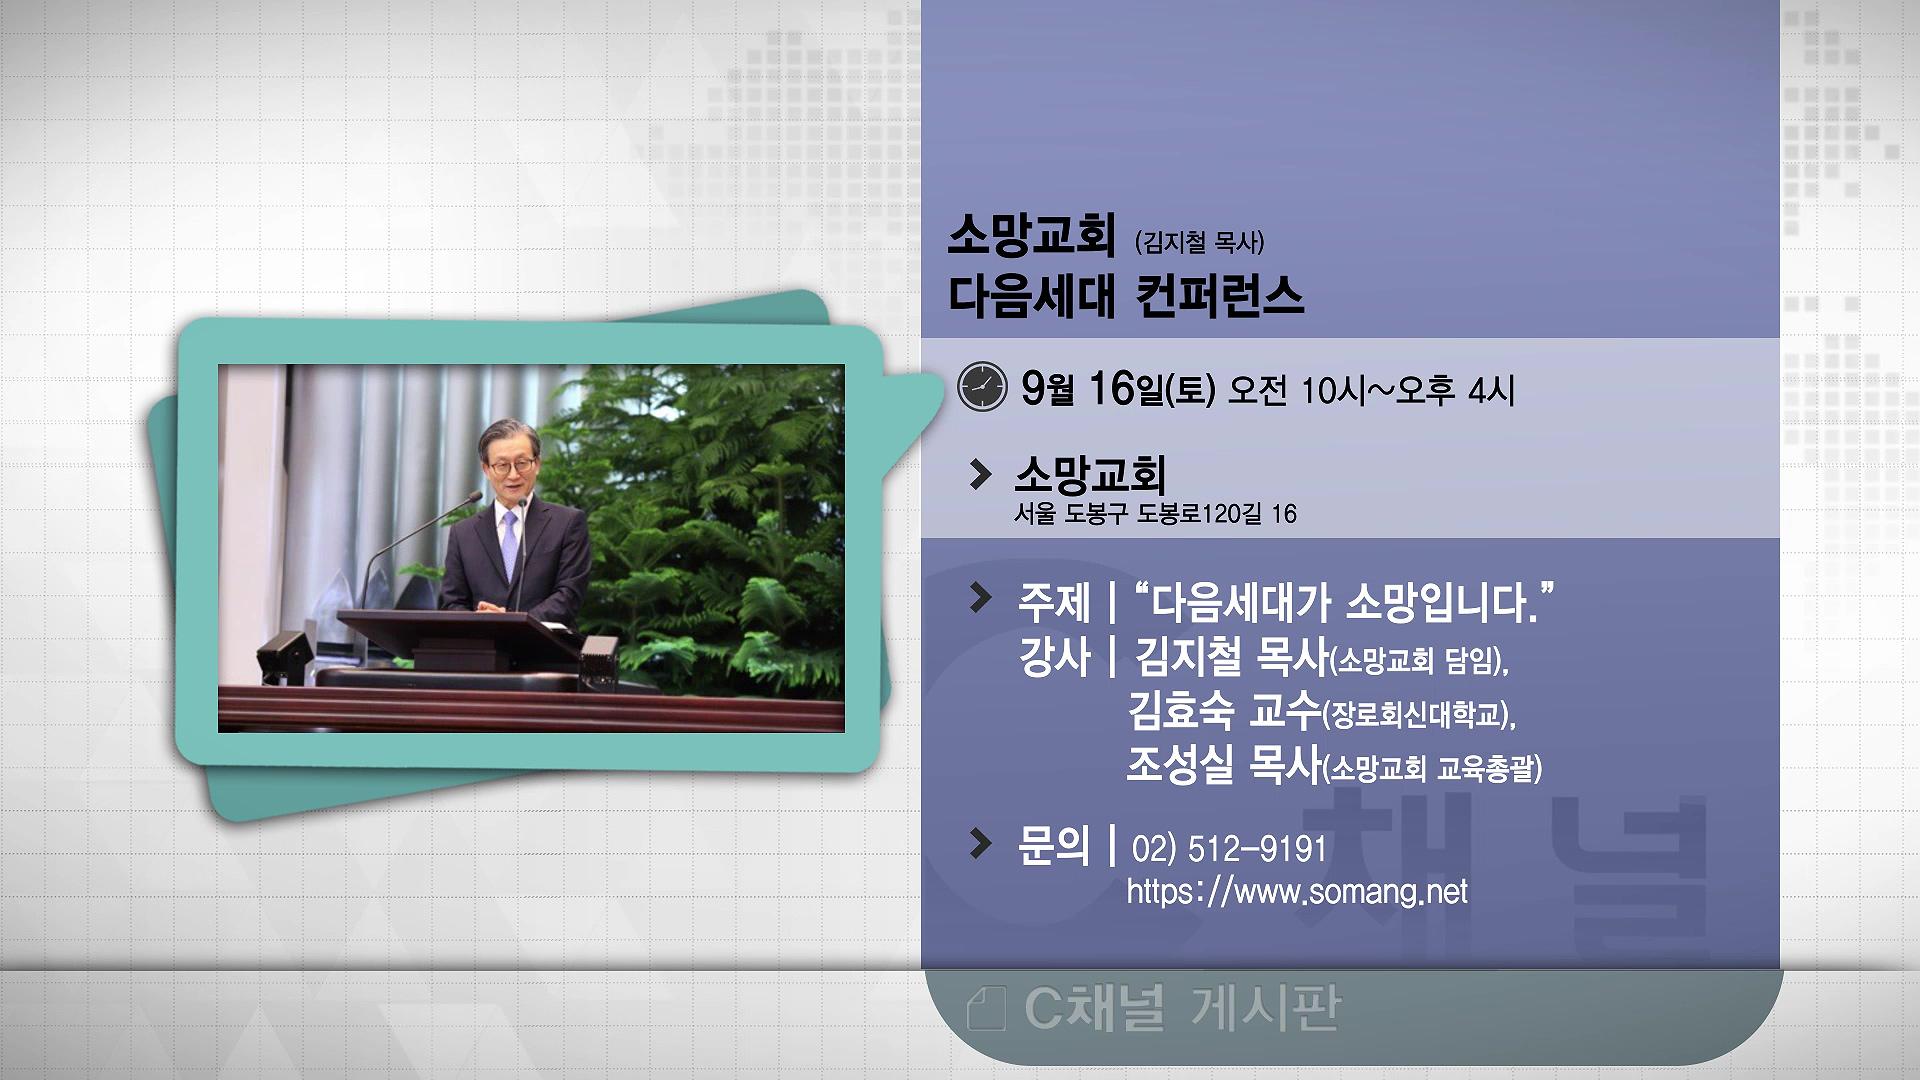 다음세대 컨퍼런스 (소망교회 (김지철 목사)) - 9월 16일(토) 오전 10시~오후 4시